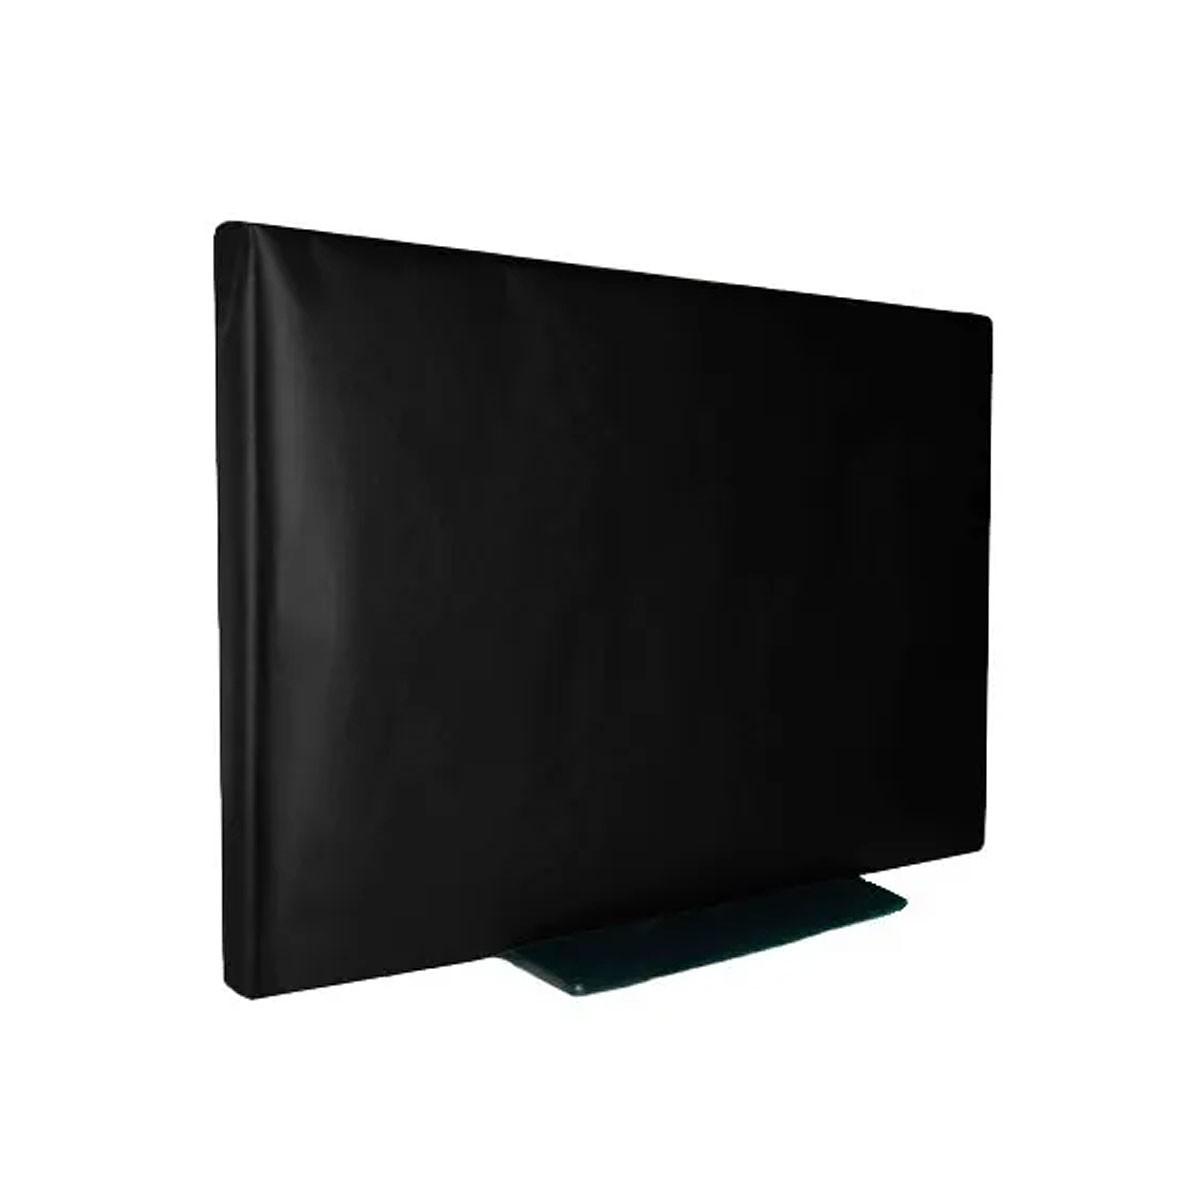 Capa De Luxo Em Corino Para TV LED 32